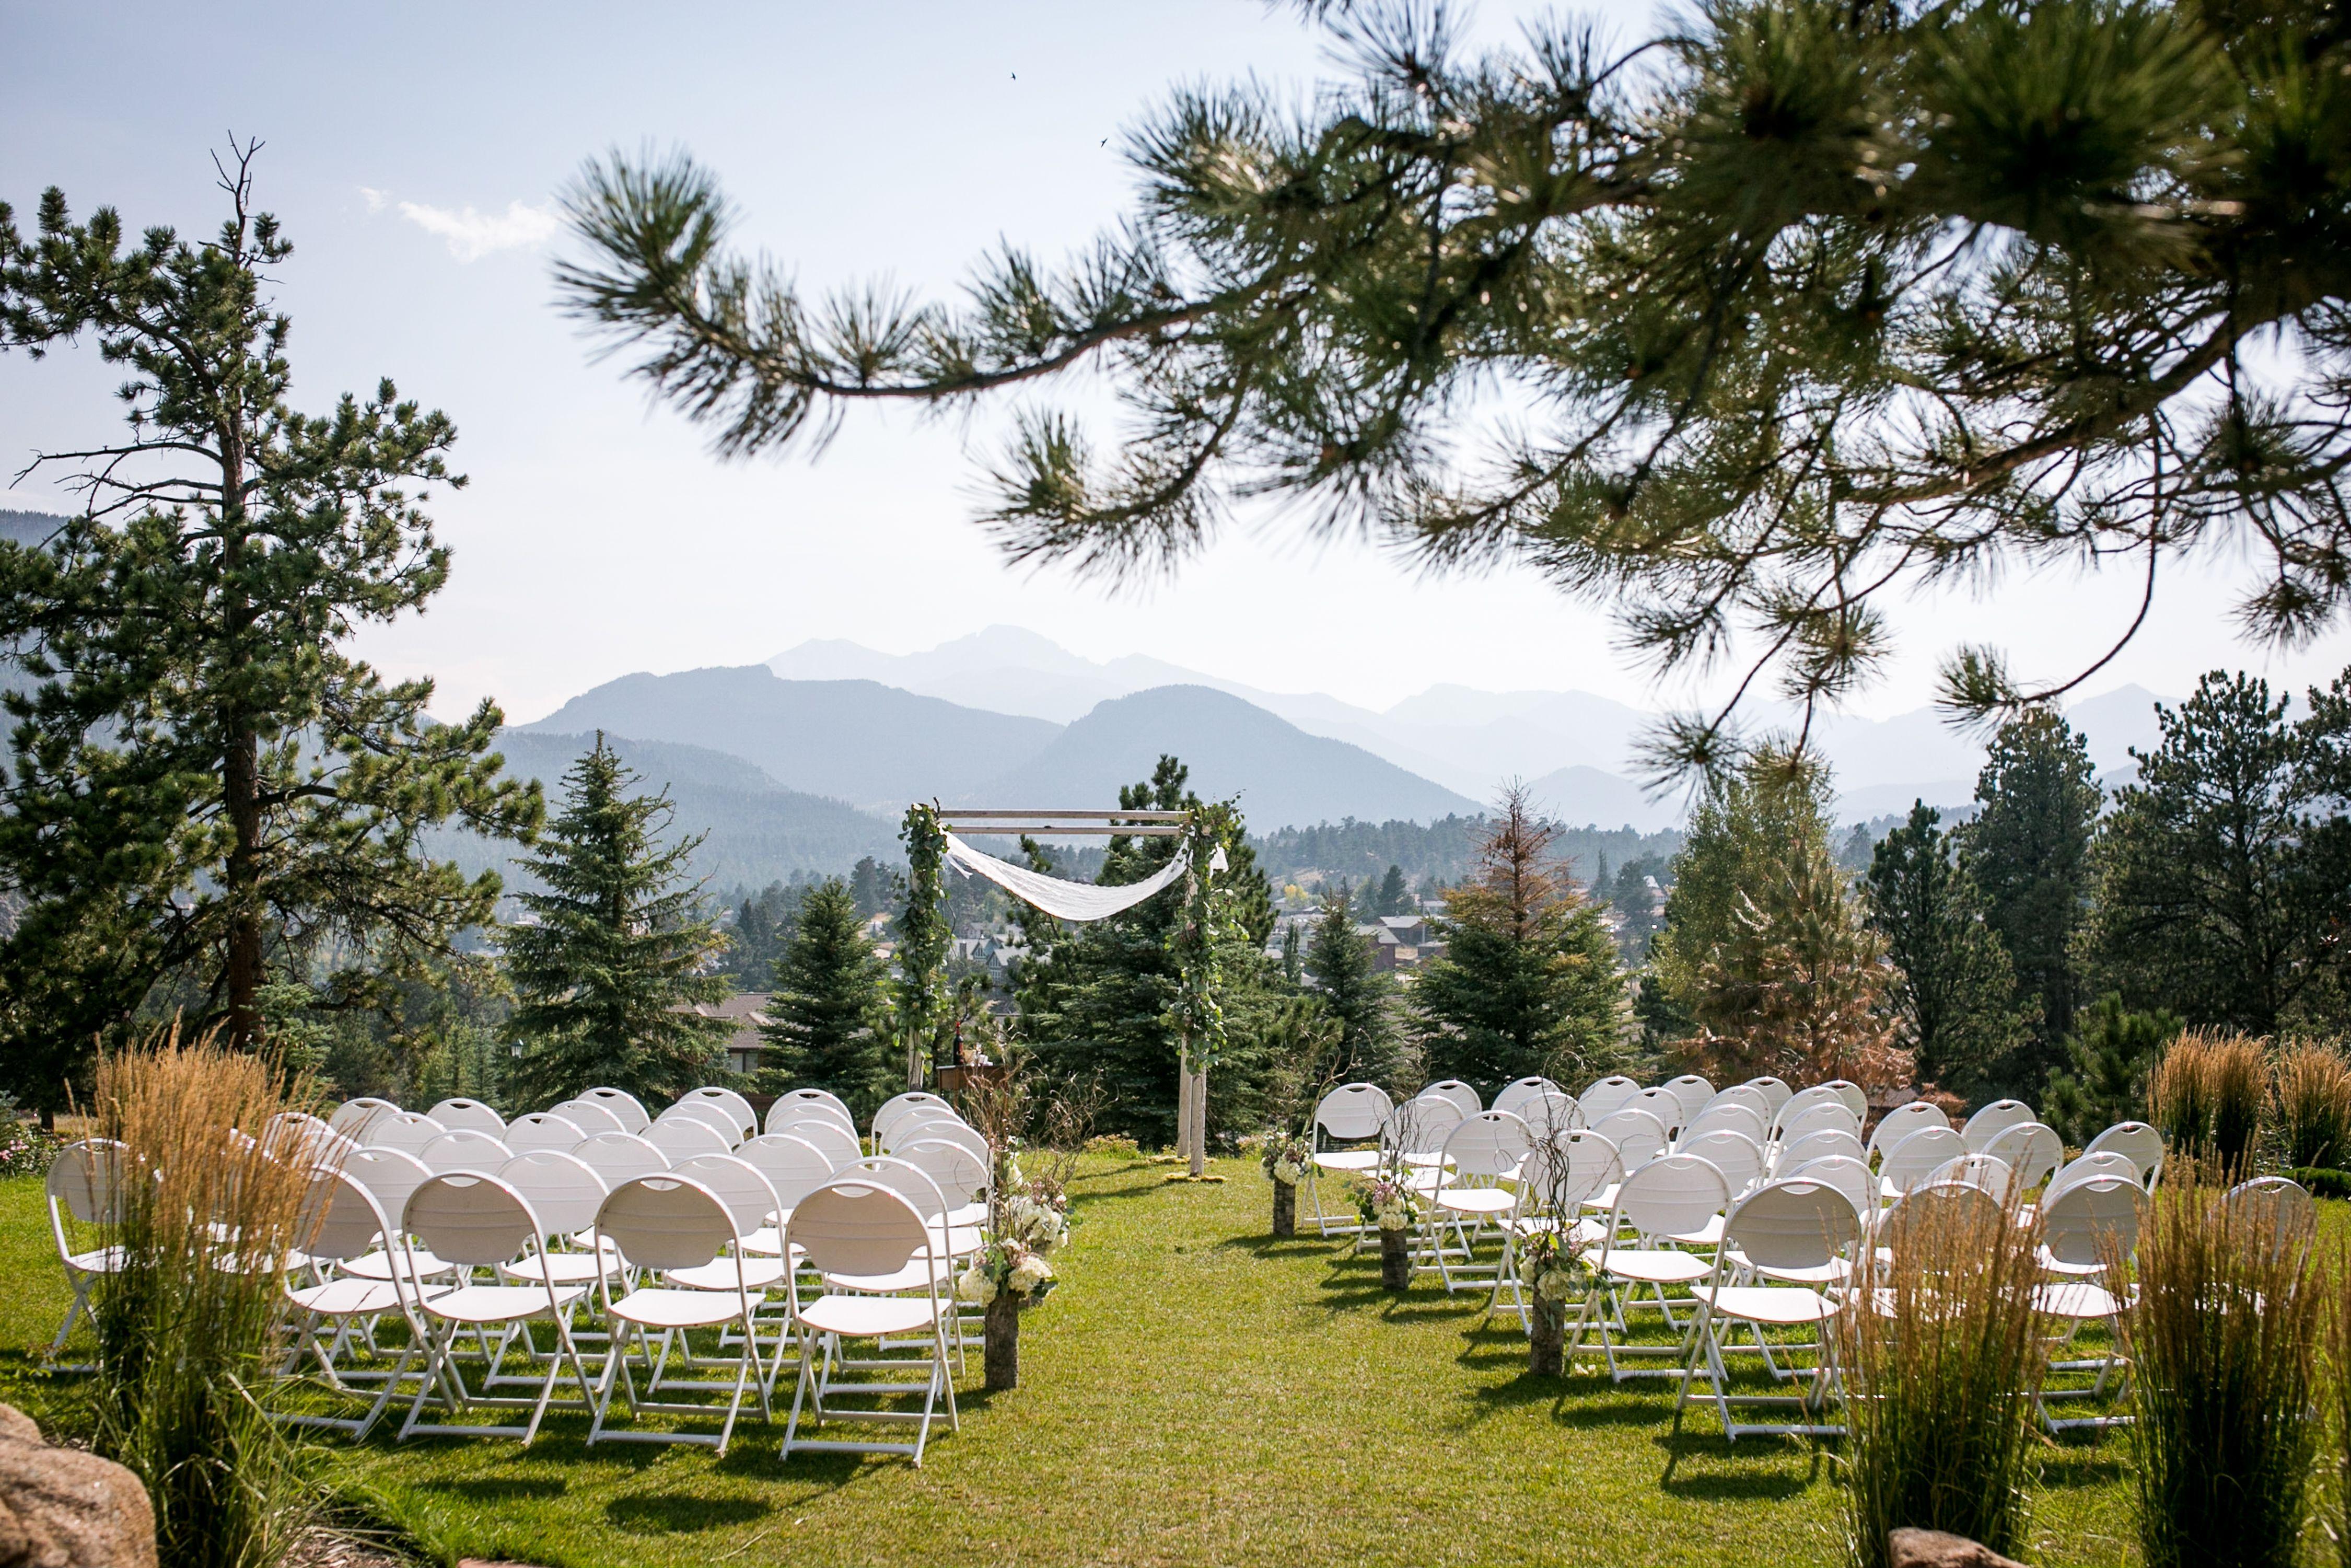 Longs Peak Lawn At The Stanley Hotel